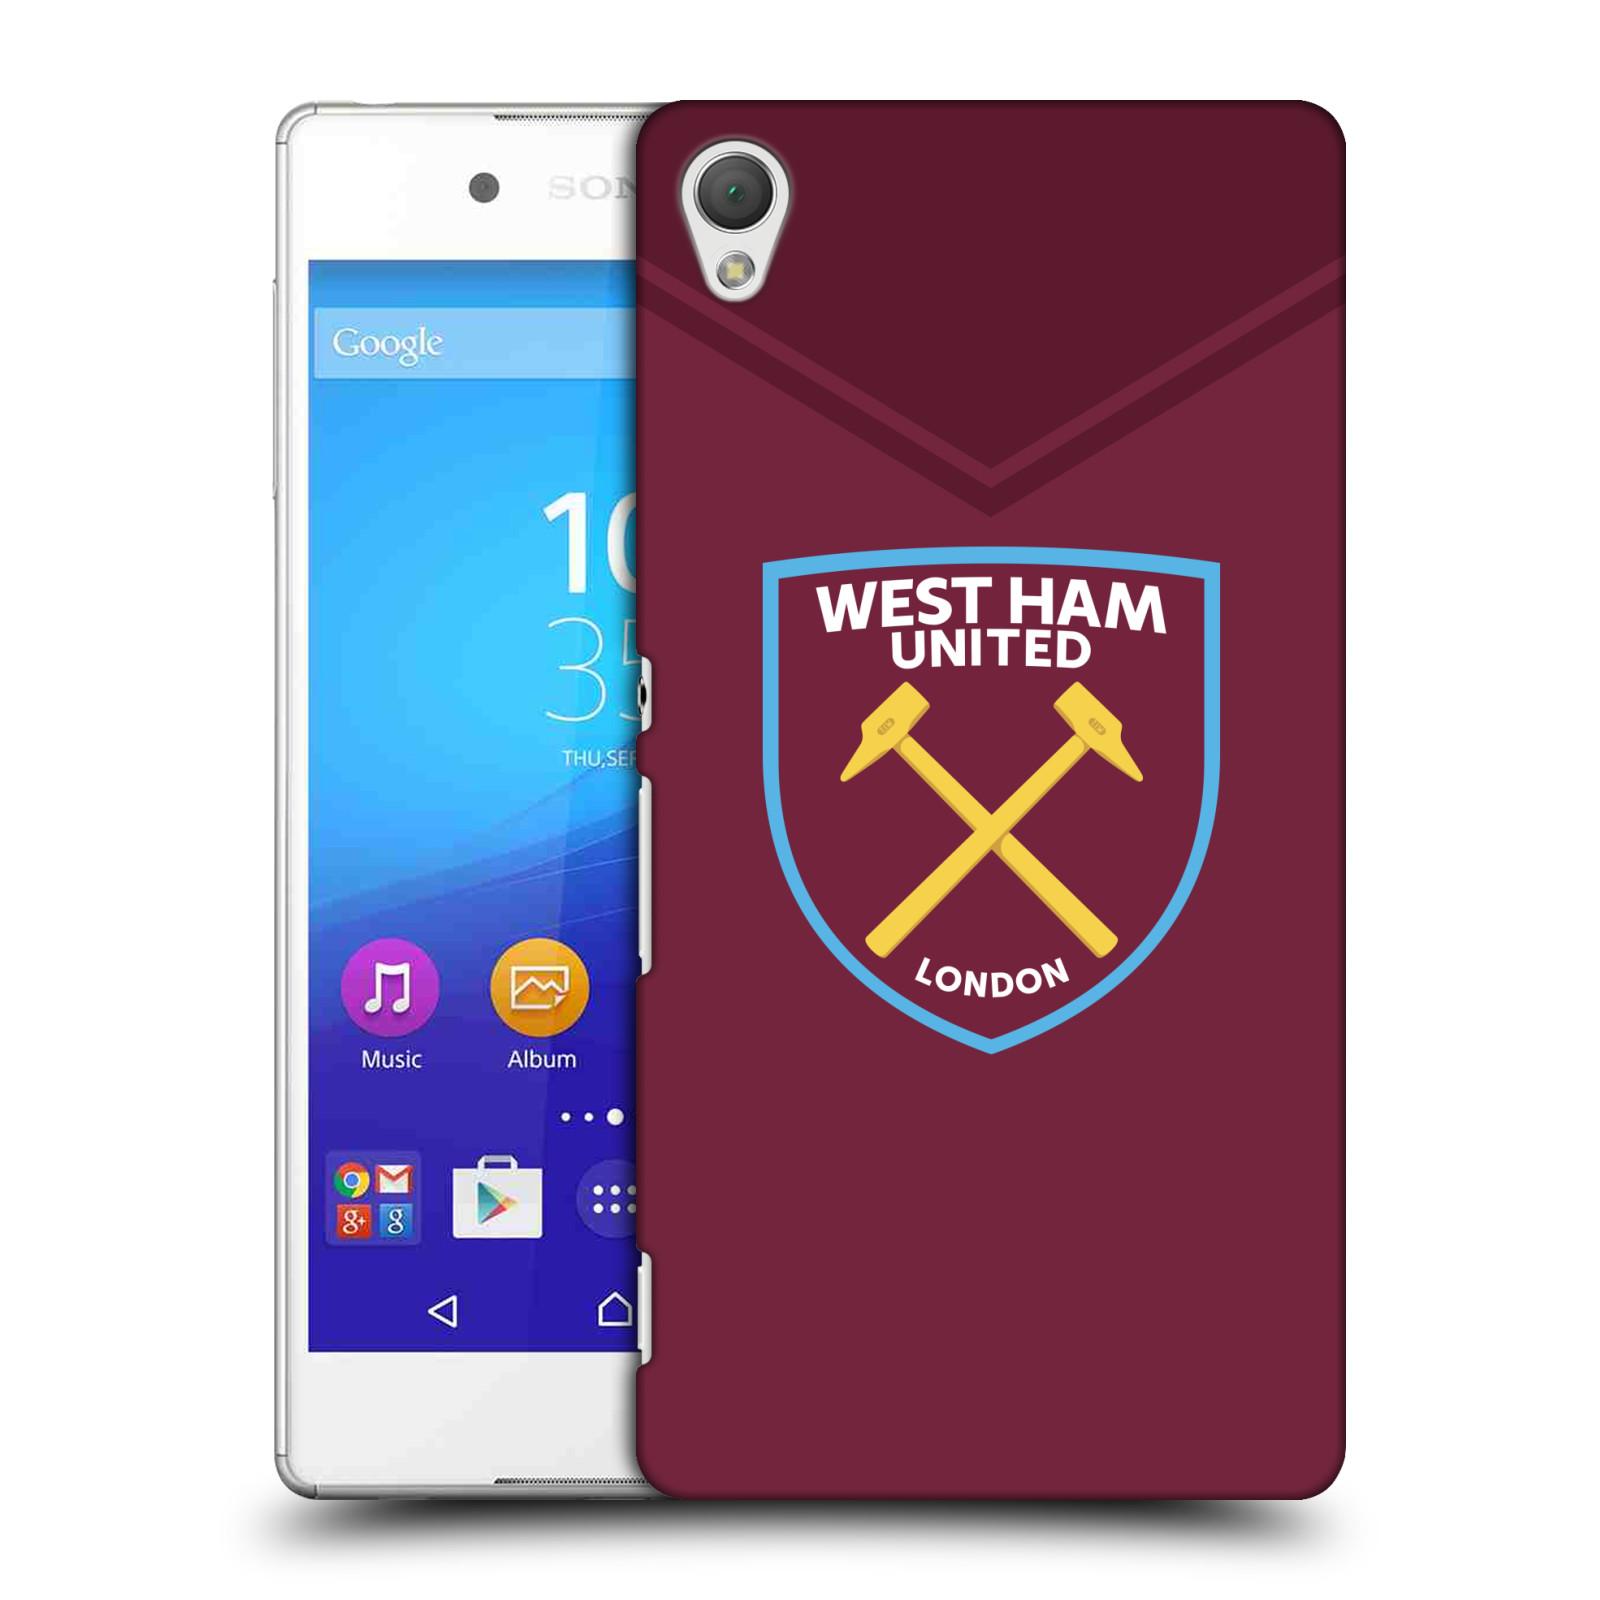 Plastové pouzdro na mobil Sony Xperia Z3+ (Plus) - Head Case - West Ham United - Logo (Plastový kryt či obal na mobilní telefon s motivem West Ham United - Kladiváři - Logo pro Sony Xperia Z3+ a Sony Xperia Z4 )